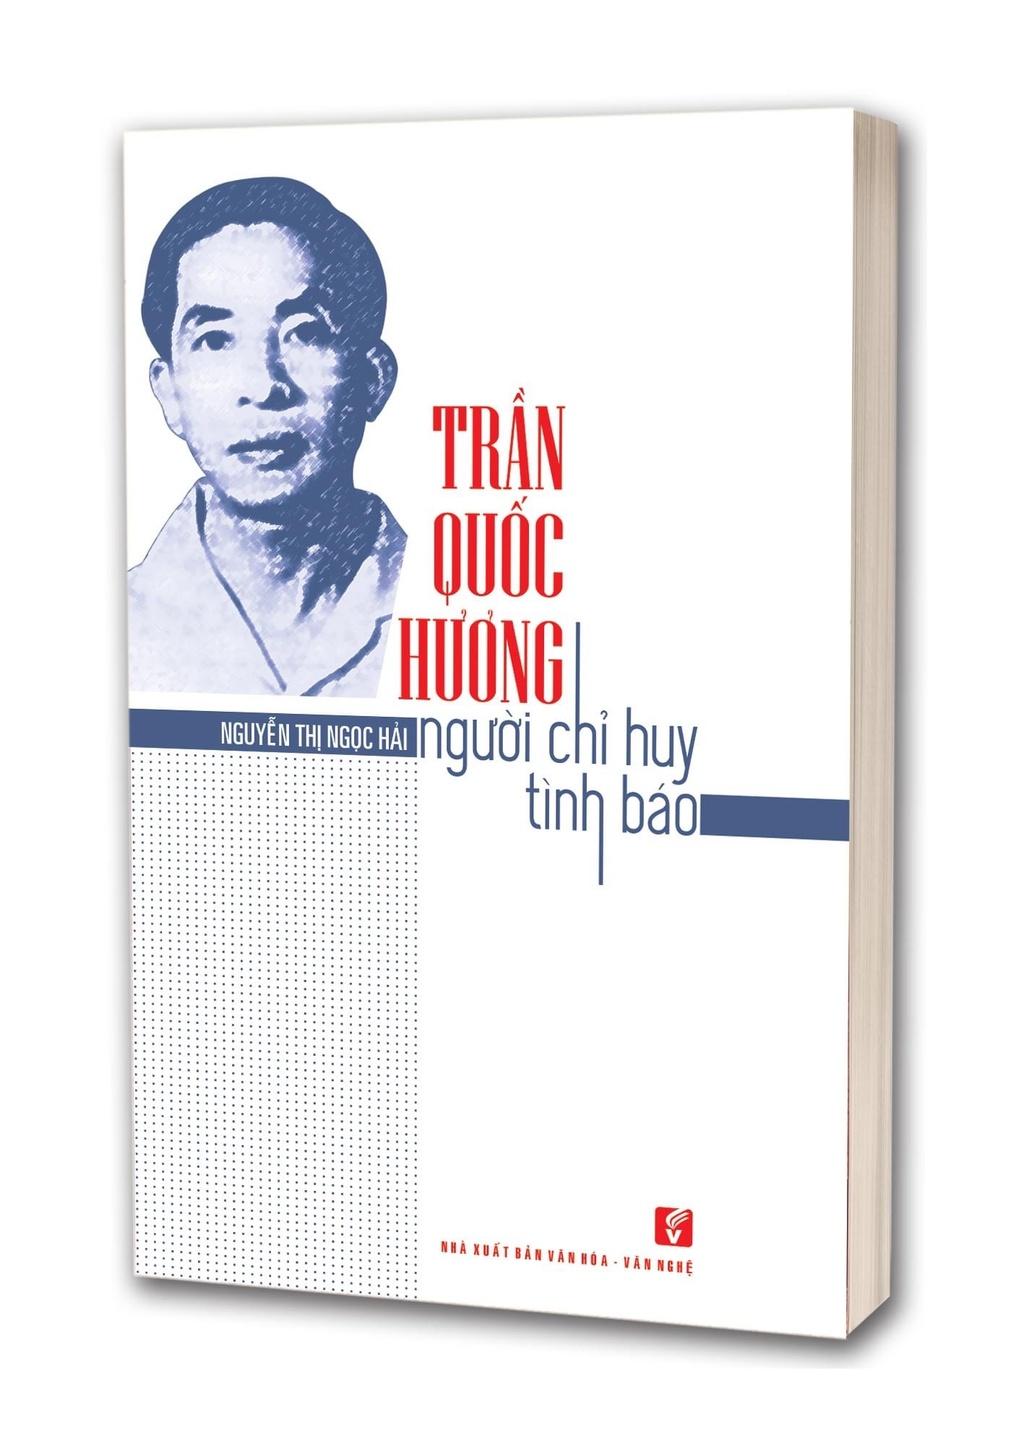 Ong Muoi Huong bi giam o Hue anh 1